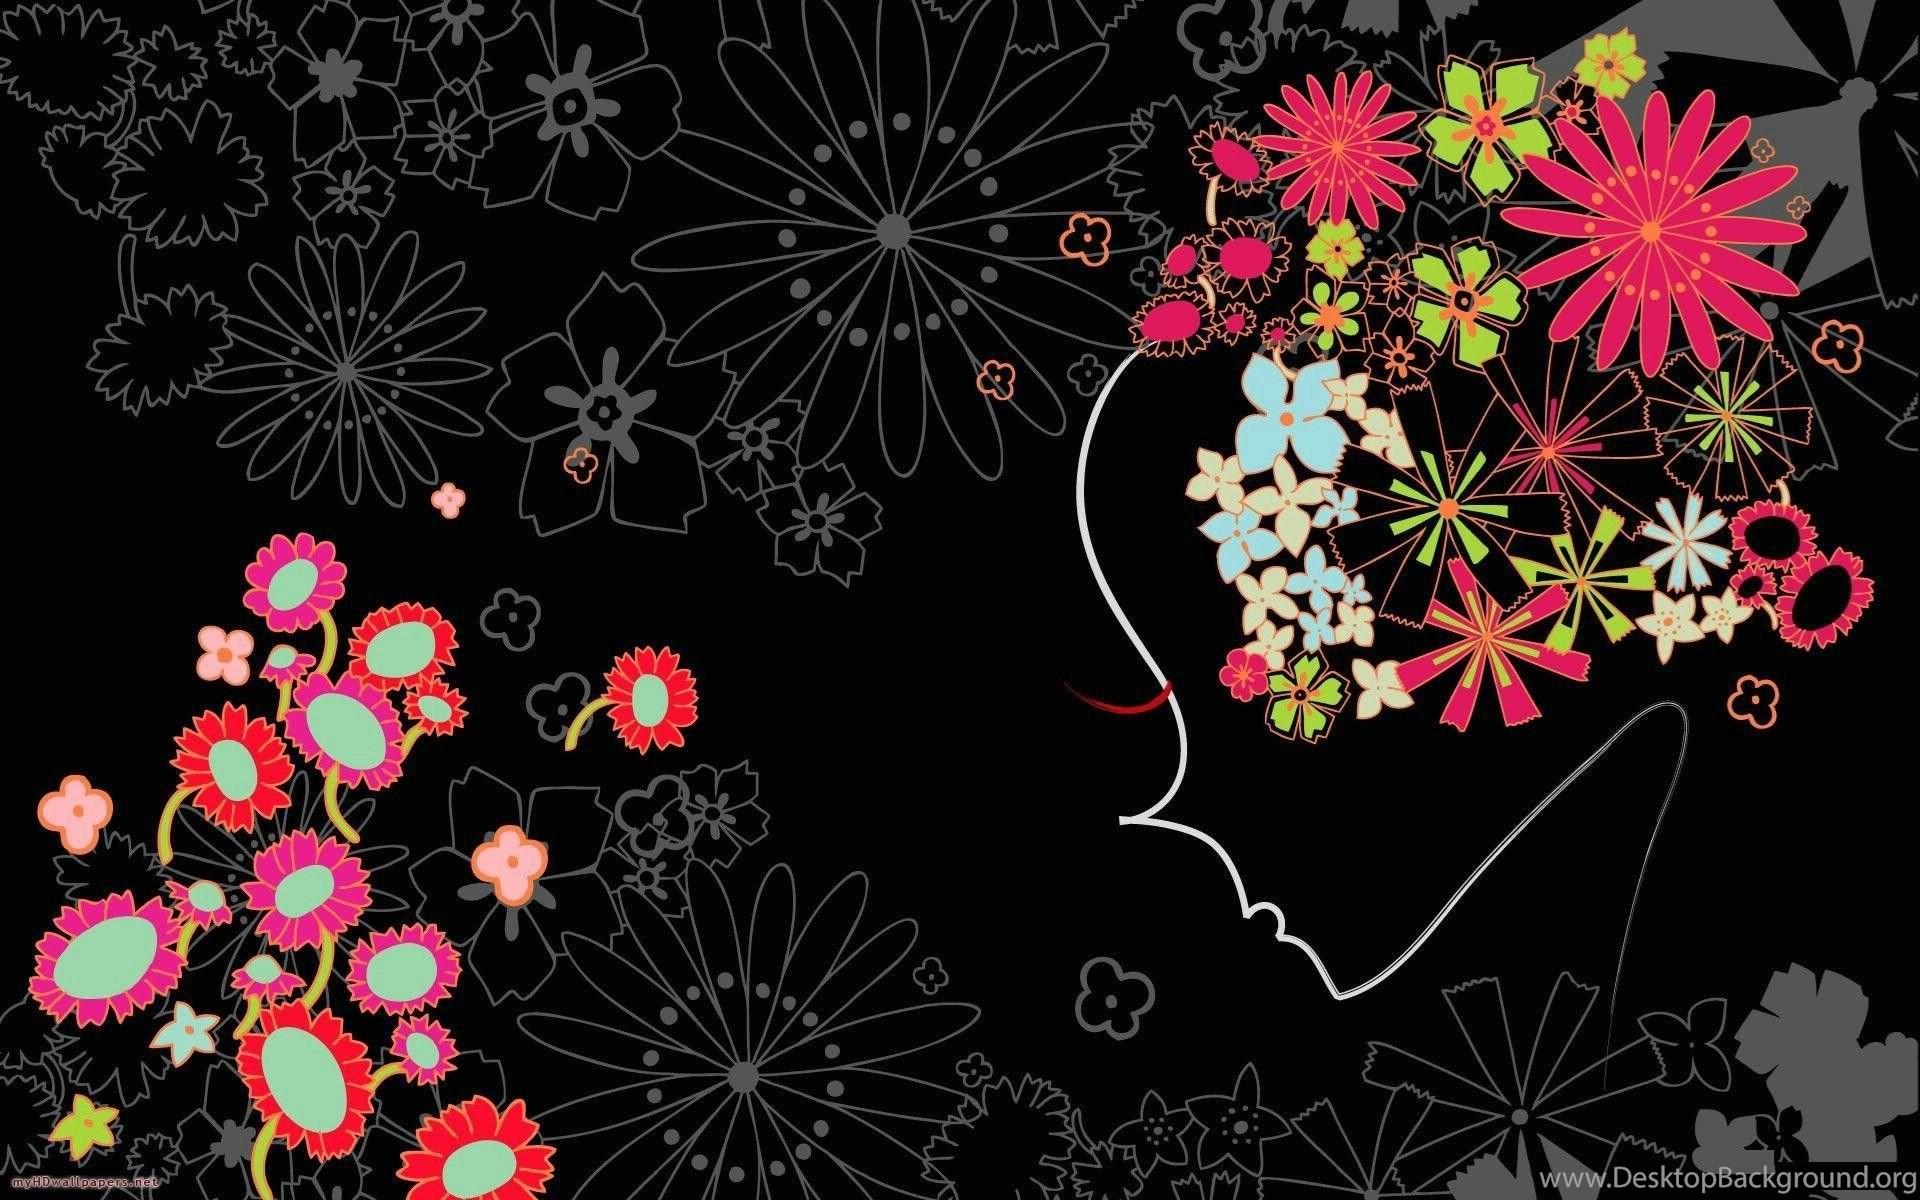 Dark Flower Wallpapers Wallpapers Cave Desktop Background